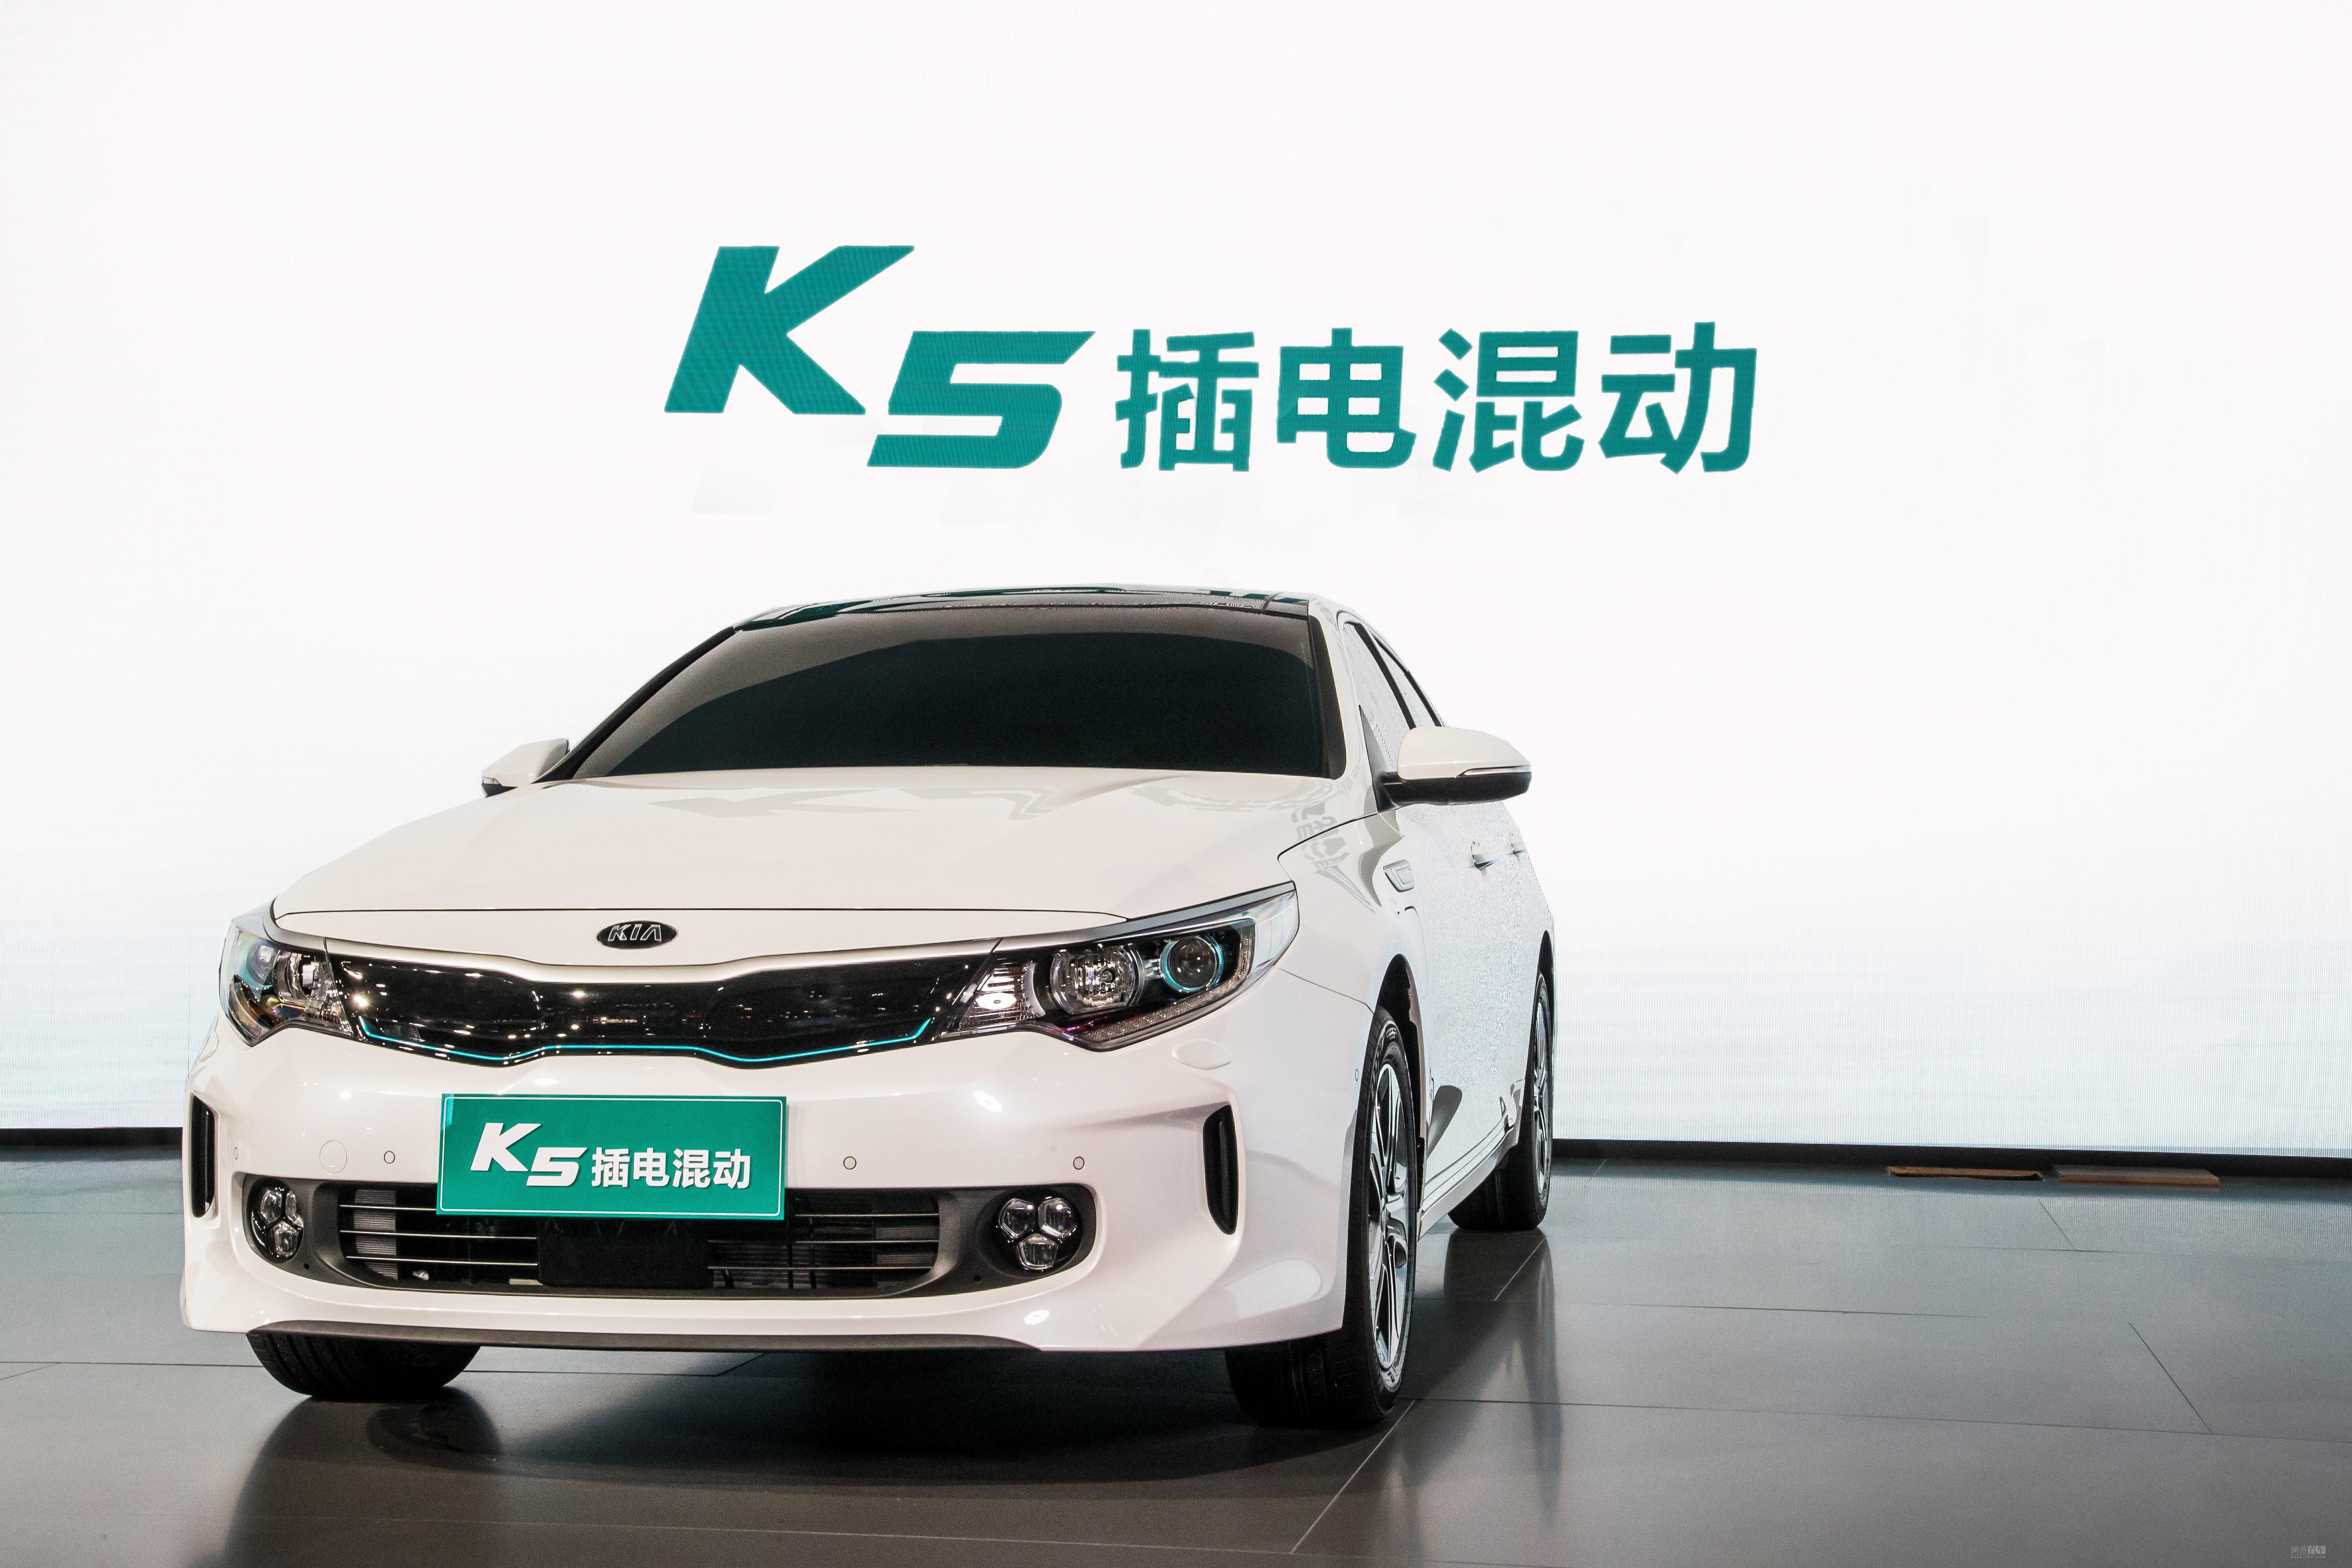 进军混动市场 起亚K5 PHEV将于8月上市